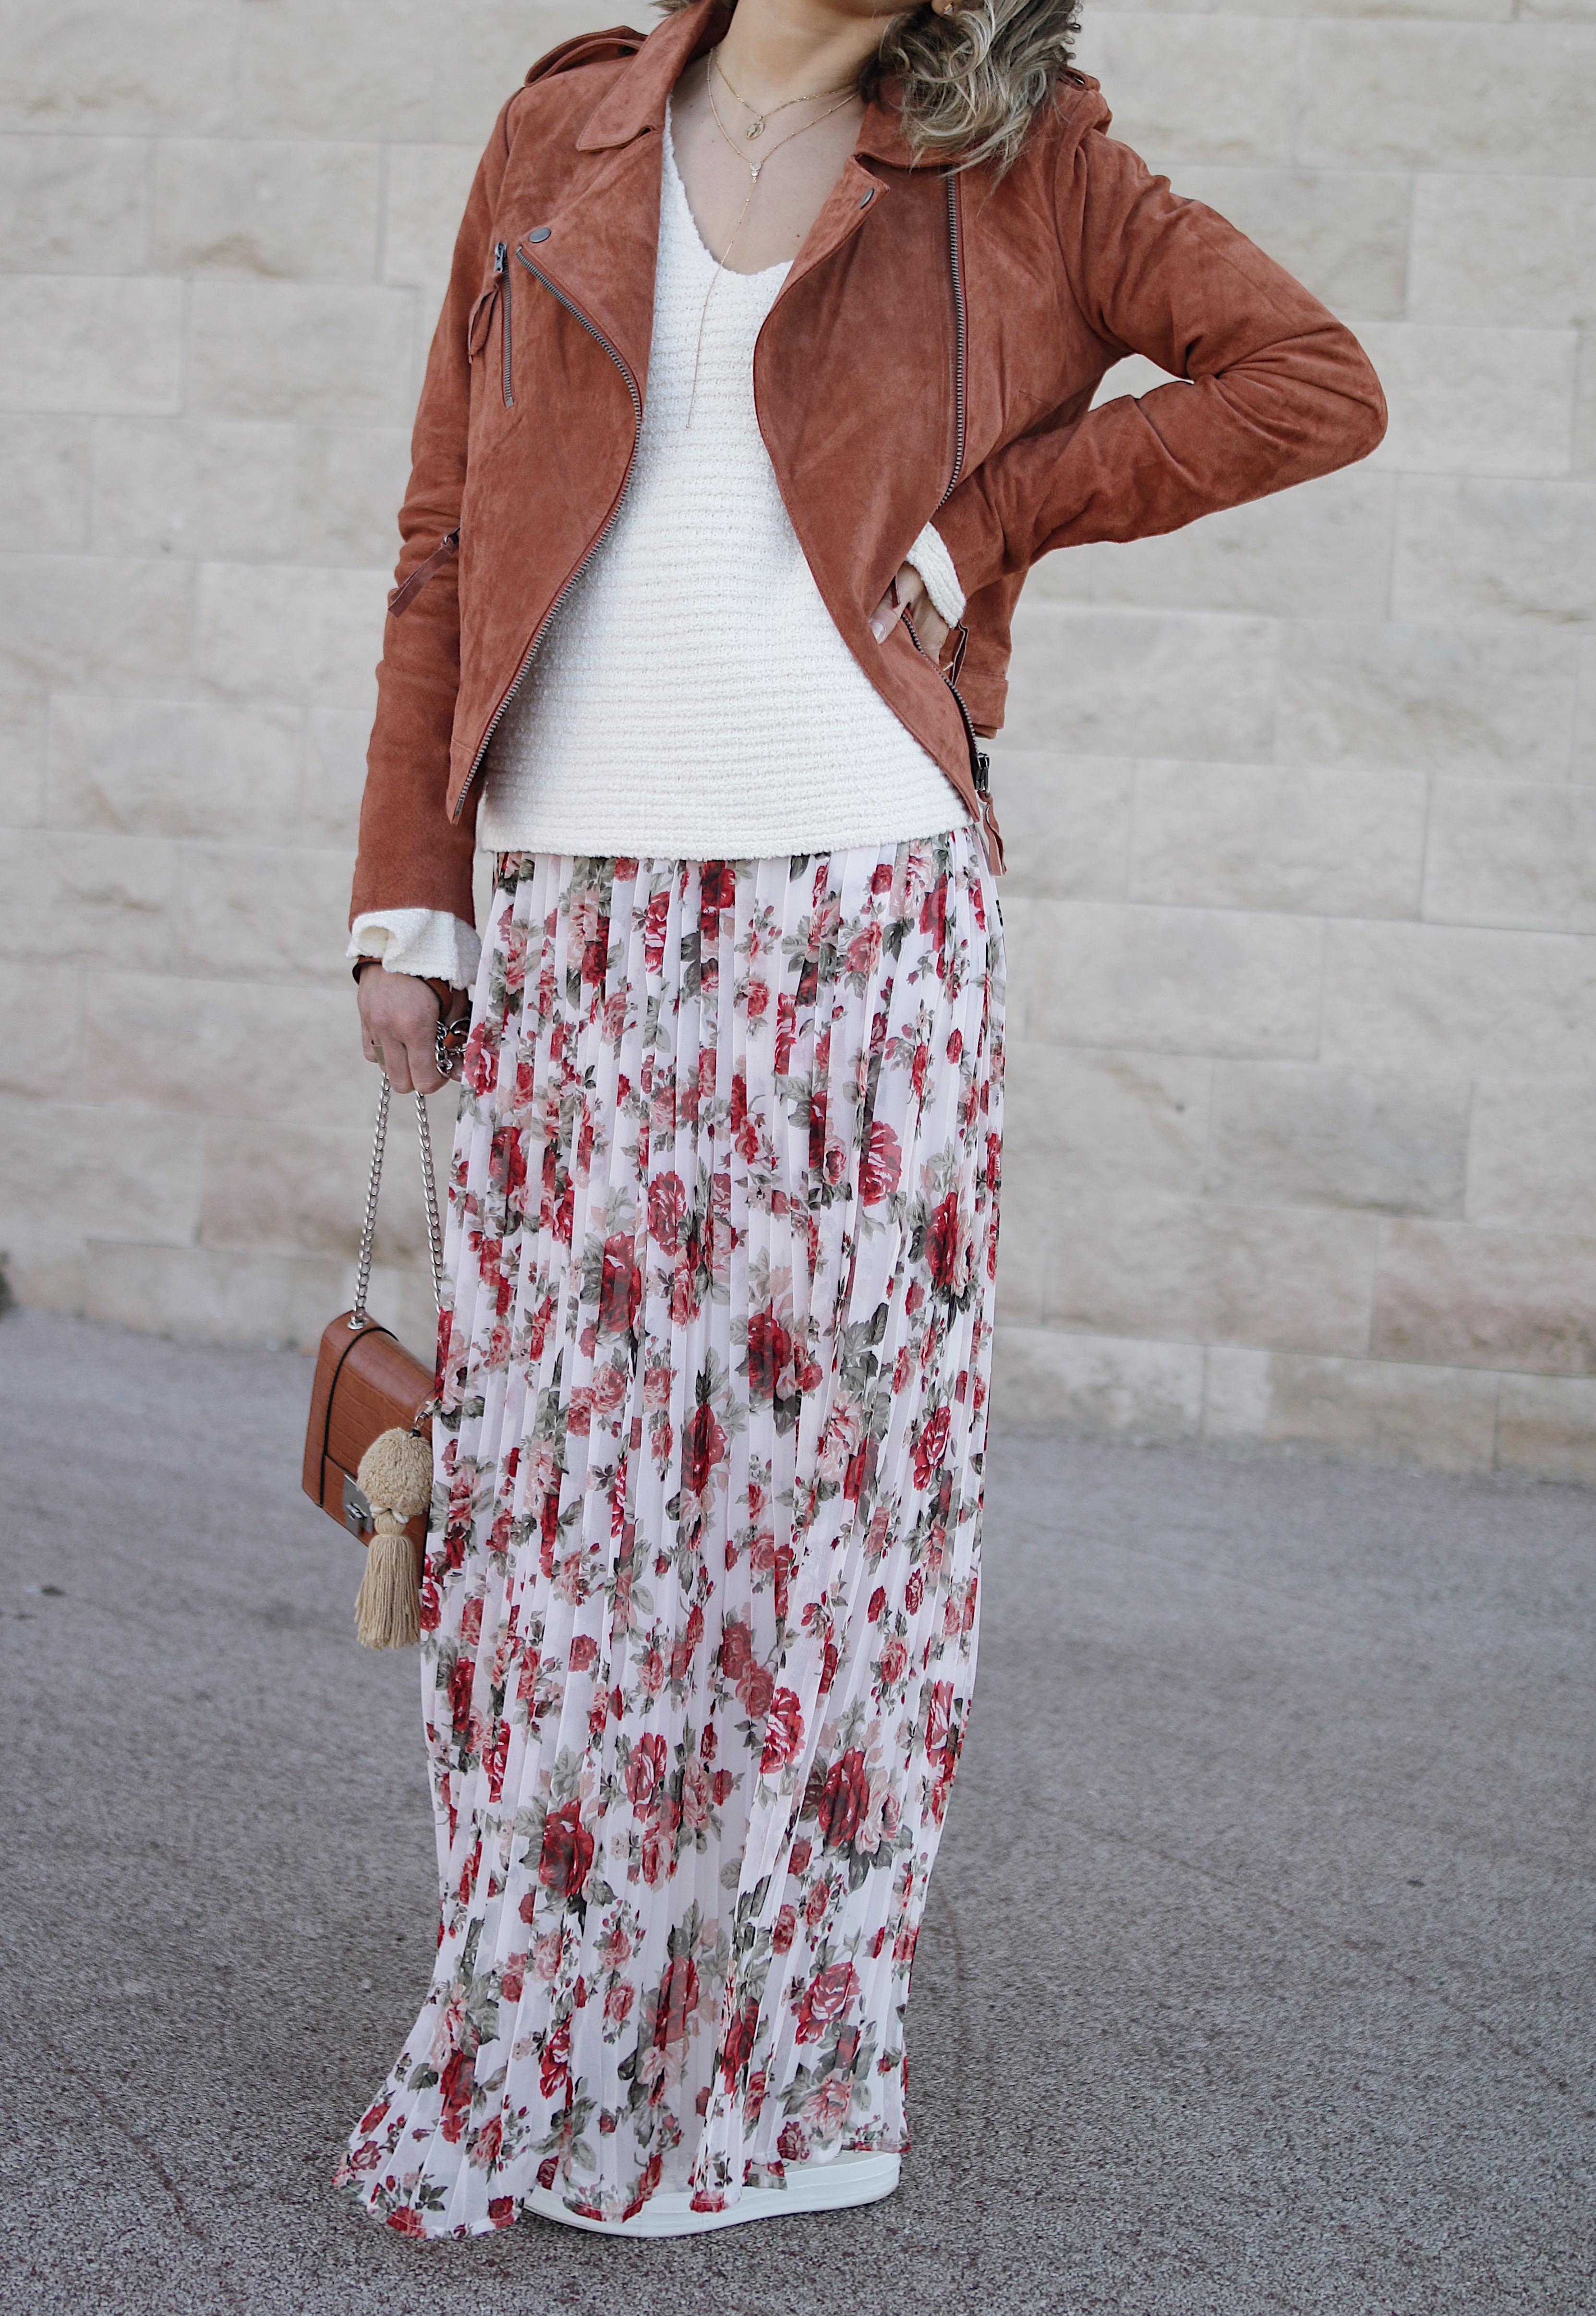 Chon & CHON - WWW.CHONANDCHON.COM maxi skirt outfit, maxi skirt inpiration, flower maxi skirt, bohemian outfit inspiration, bohemian maxi skirt, fashion blogger, fashion inspiration